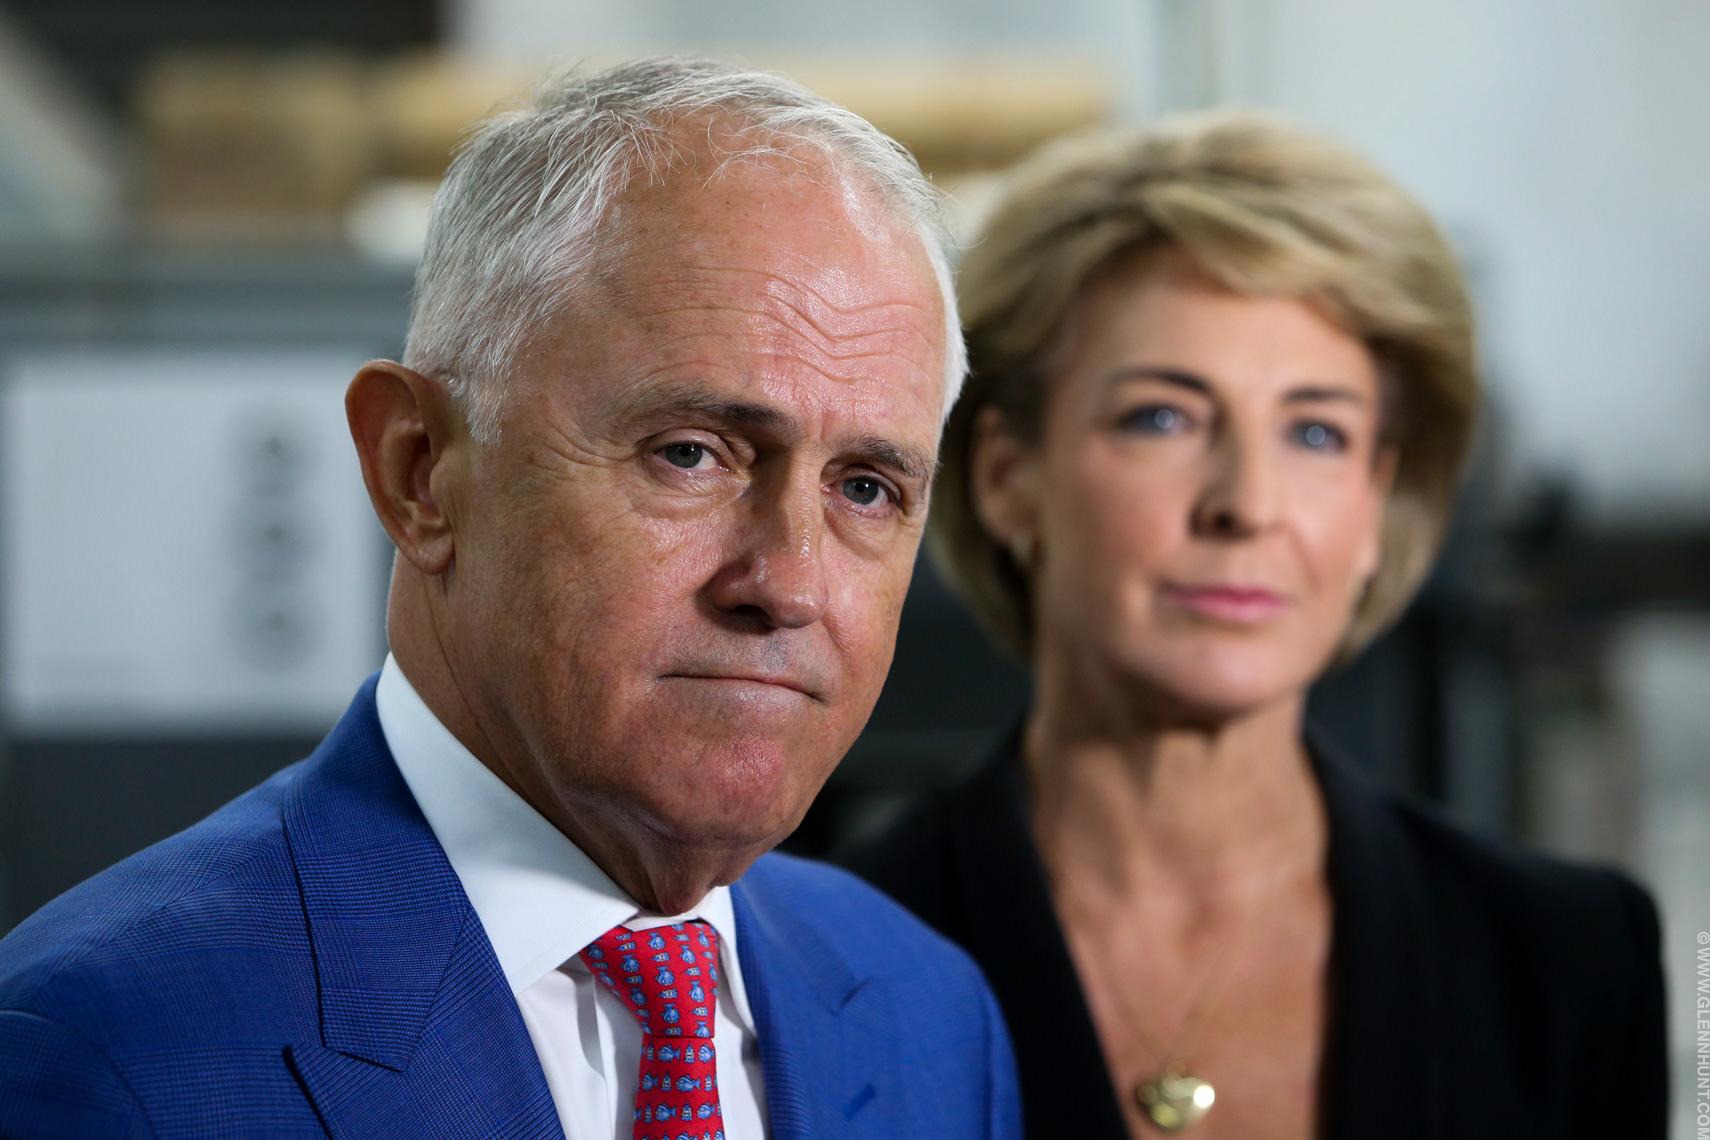 AustralianPolitics